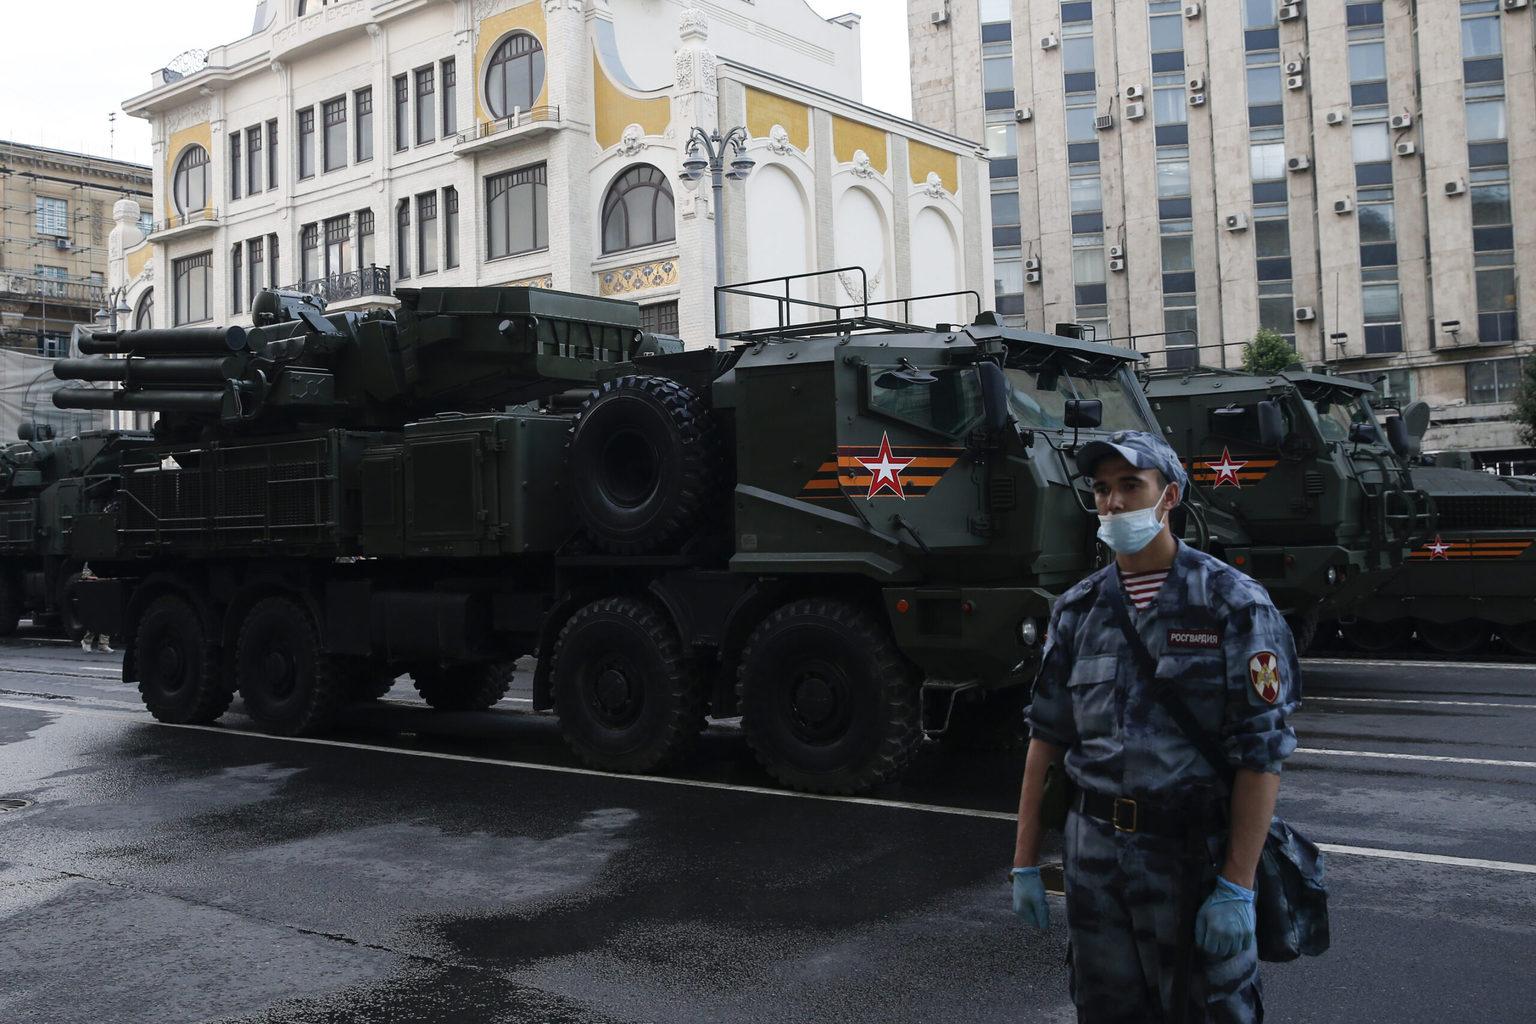 Pancir-SzM vonulása a parádé június 18-i főpróbájára. A hat rakétát tartalmazó baloldali rakétablokk bel felső sarkában látható az említett drónok és kisméretű légicélok elleni négy rakétát tartalmazó tubus #moszkvater